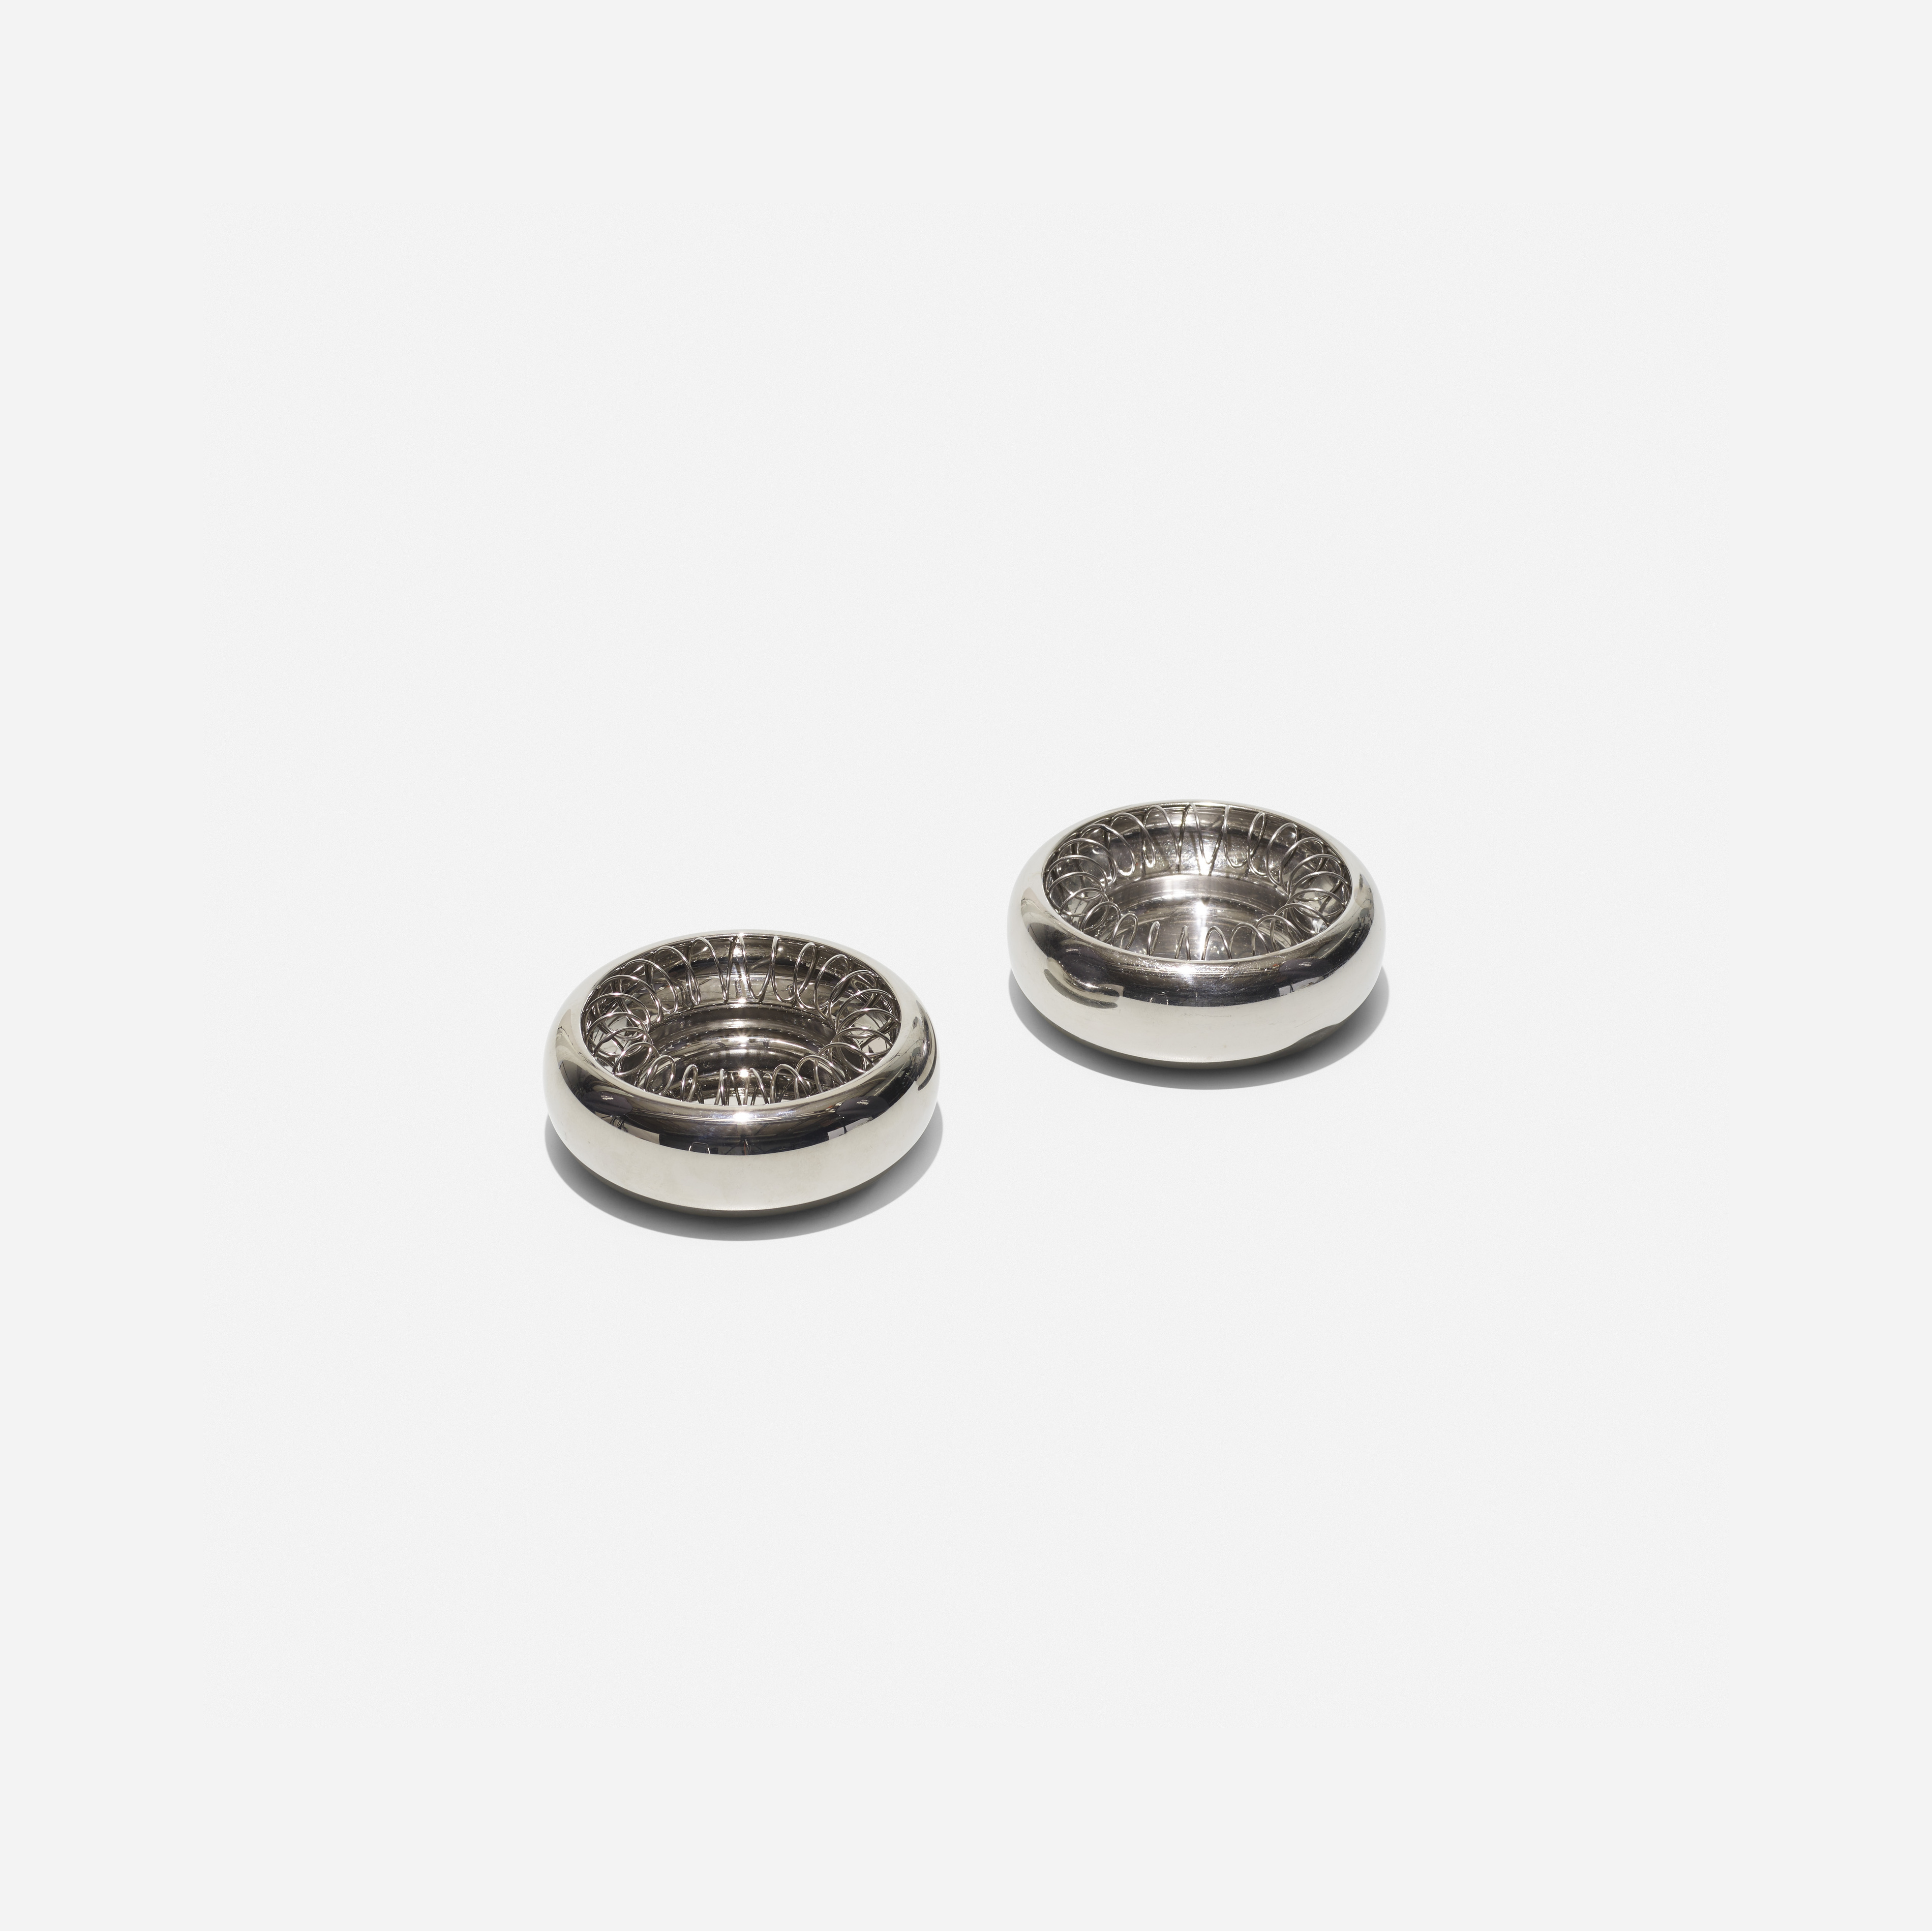 Spirale ashtrays, pair - Achille Castiglioni